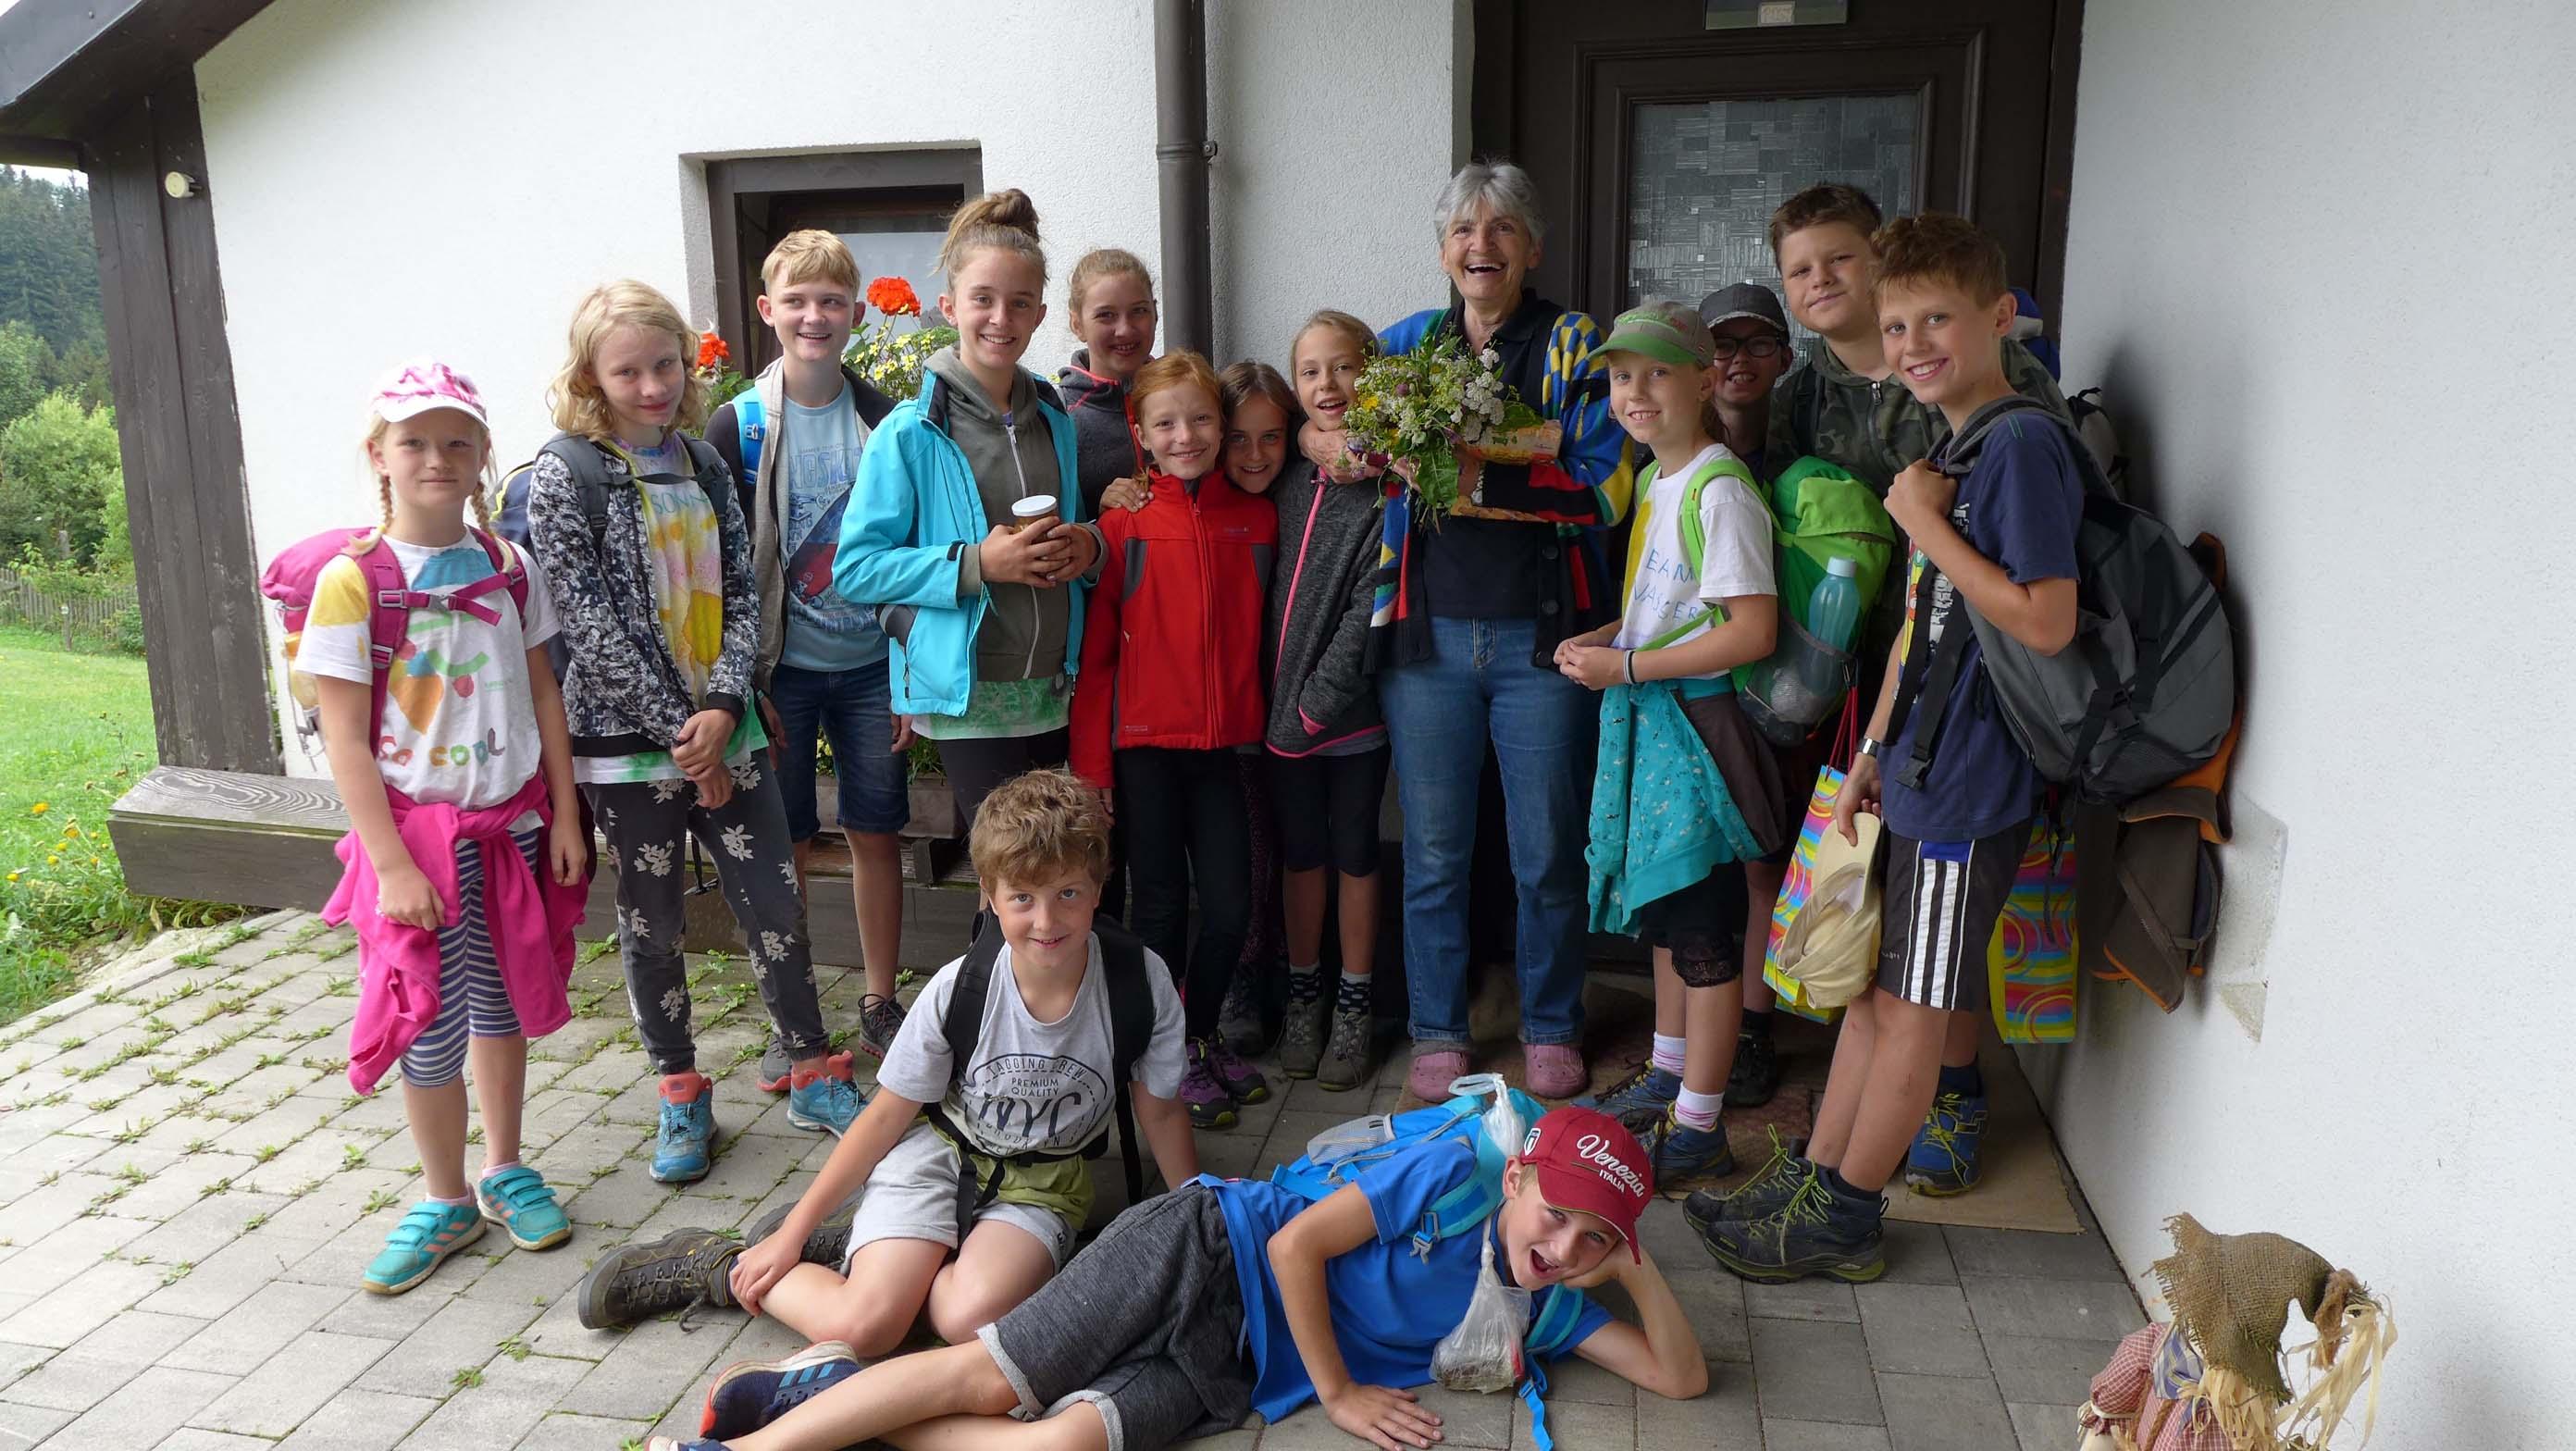 Am Morgen brachte jedes Kind Frau Veronika Kirchweger einen selbst gepflückten Wiesenblumenstrauß als DANKESCHÖN!